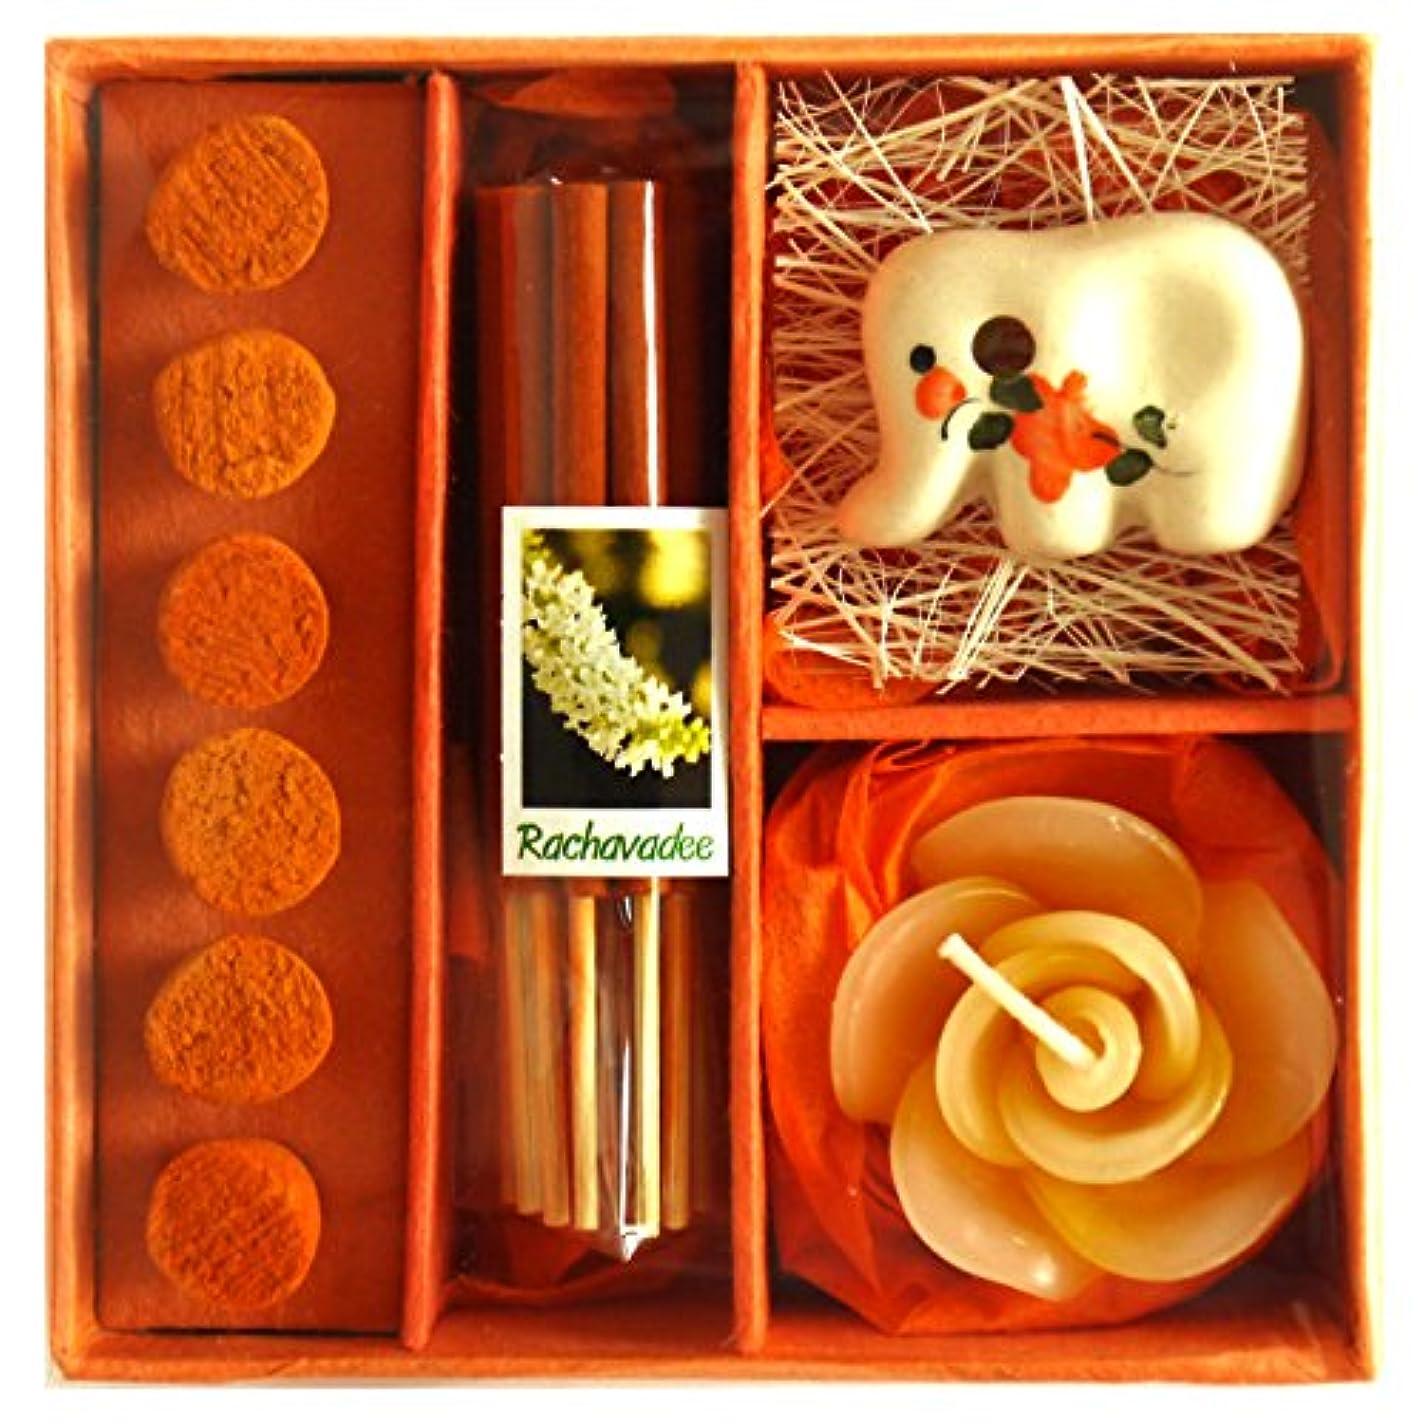 大邸宅マイコン同行するアロマギフトBOX 退職ギフト 色おまかせ 香りつきアロマキャンドル 2種類のお香 陶器製お香立ての入ったギフトセット サンキューシール付き